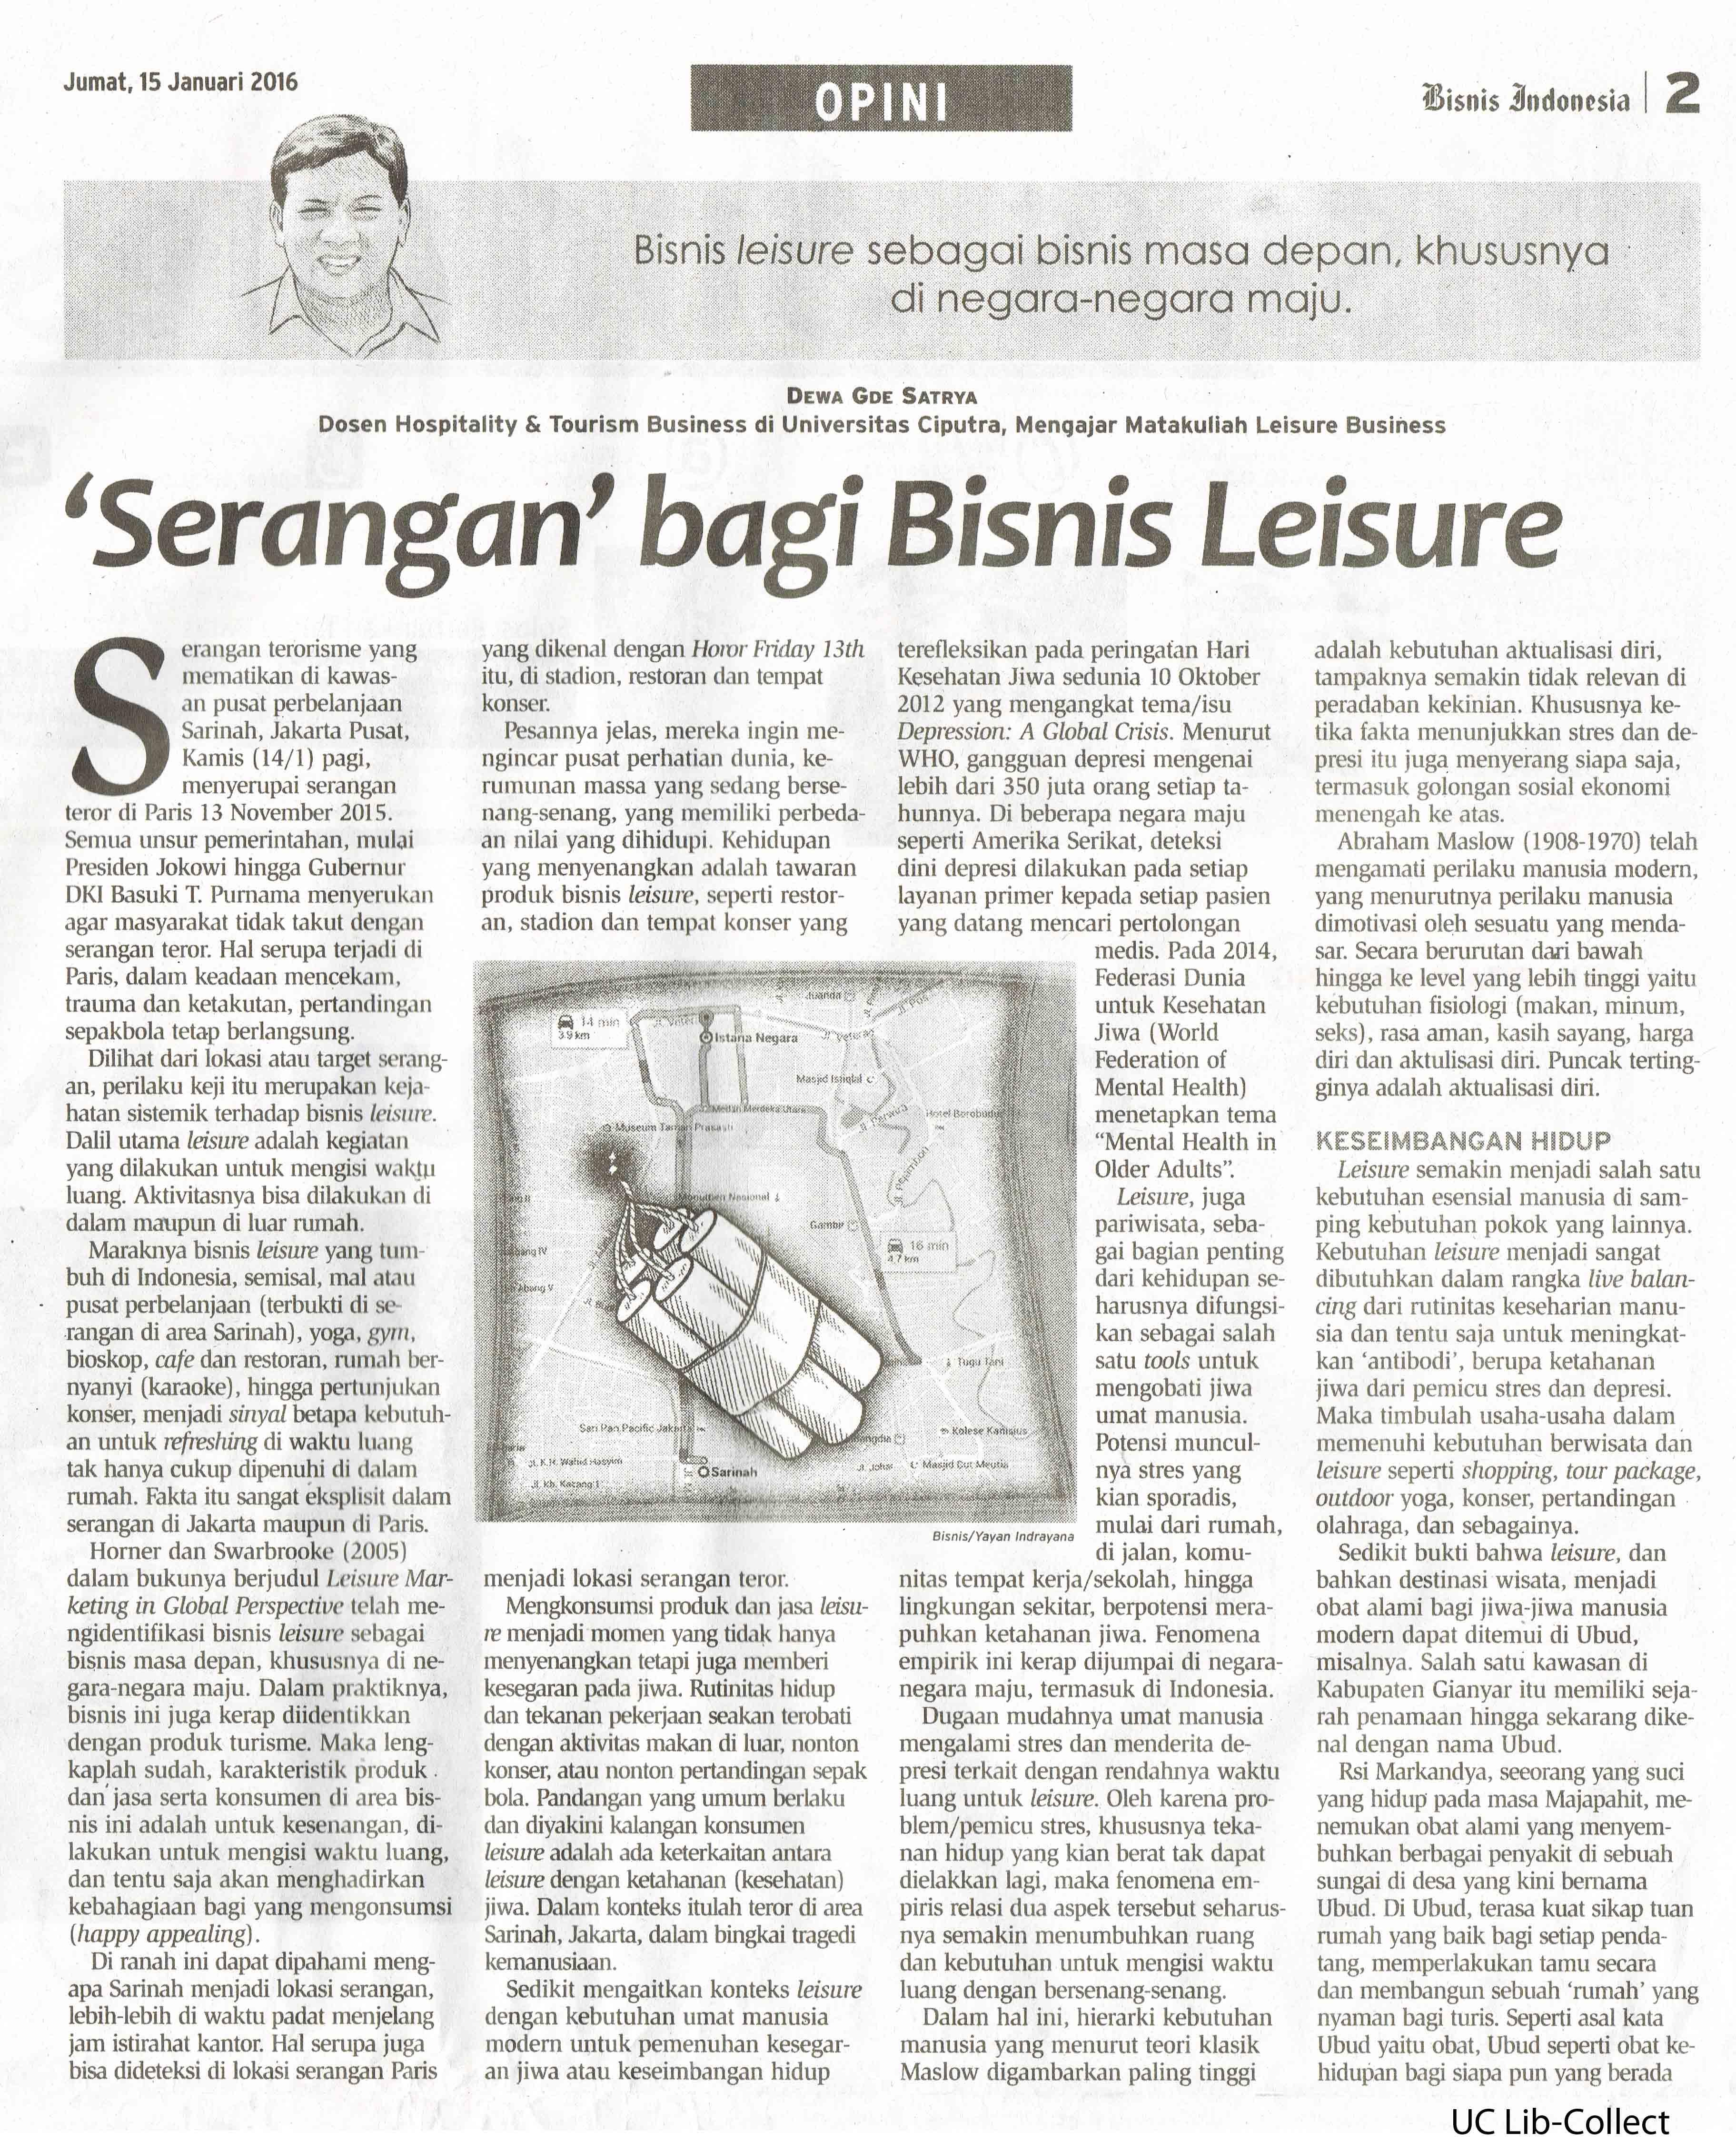 Serangan Bagi Bisnis Leisure Bisnis Indonesia 15 Januari 2016 Hal 2